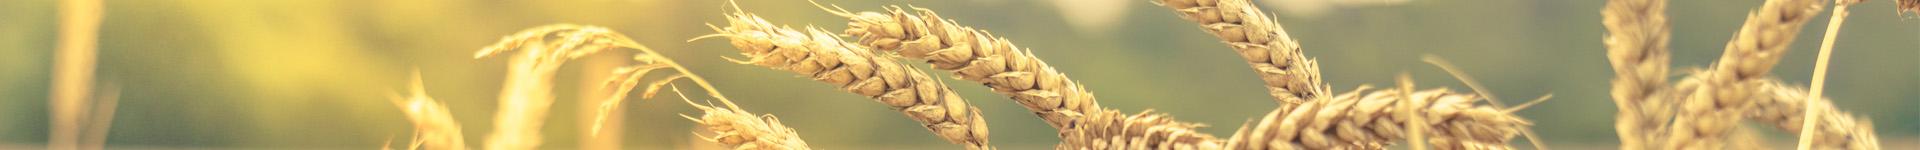 Wheat - Distillers Grains